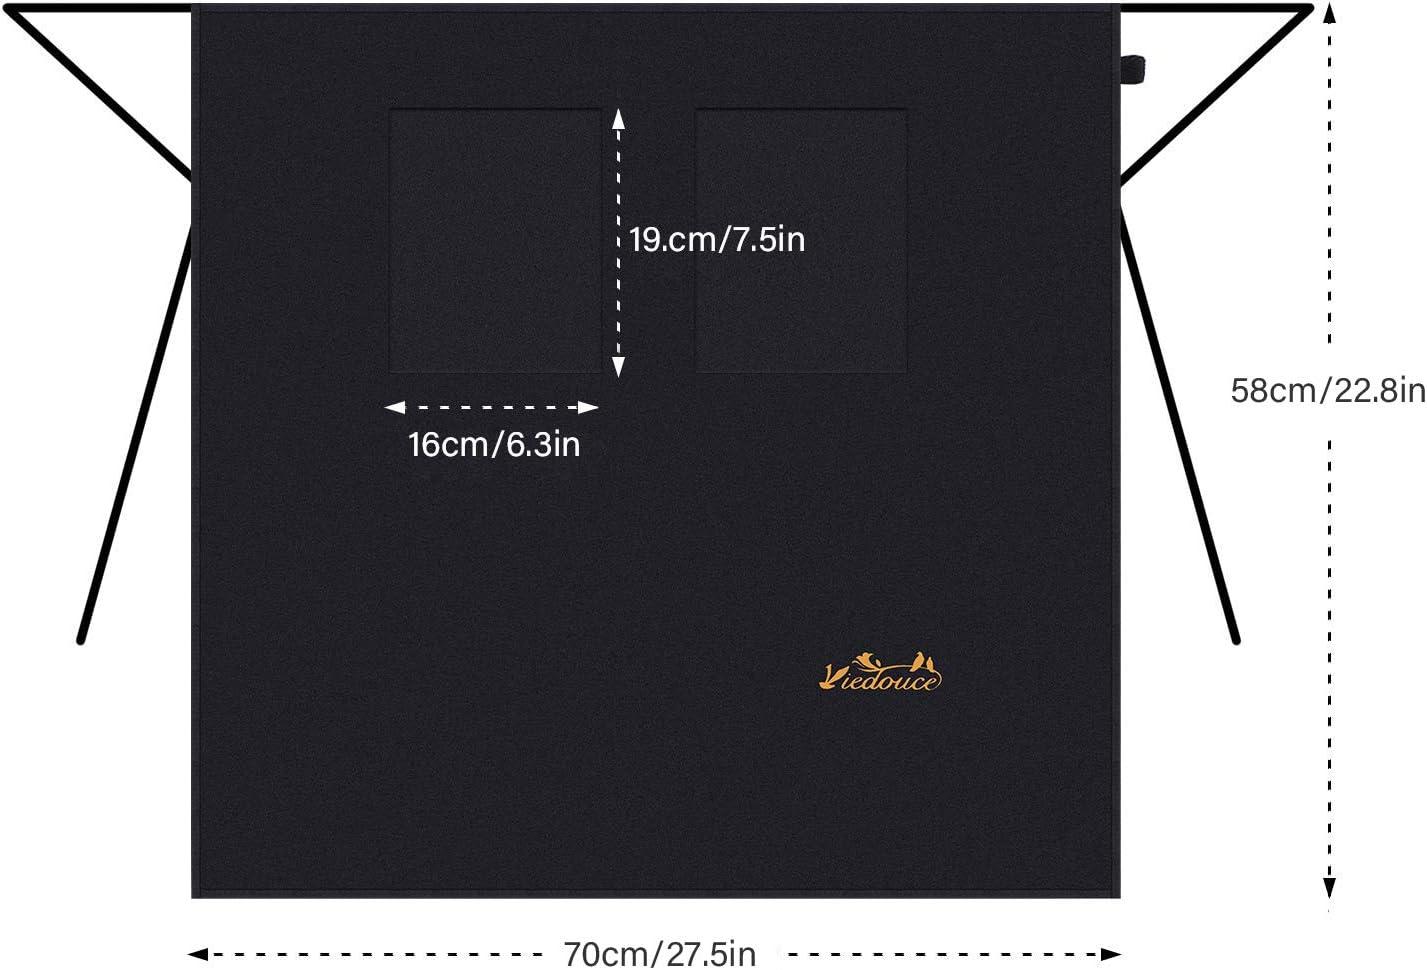 Viedouce 2 pi/èces Tabliers de Cuisine,Taille Basse Tablier Imperm/éable avec 2 Poches pour Restaurant Chef Serveur Barista Barbecue,Caf/é,Tablier pour Chef,Tablier pour Hommes Femmes Noir